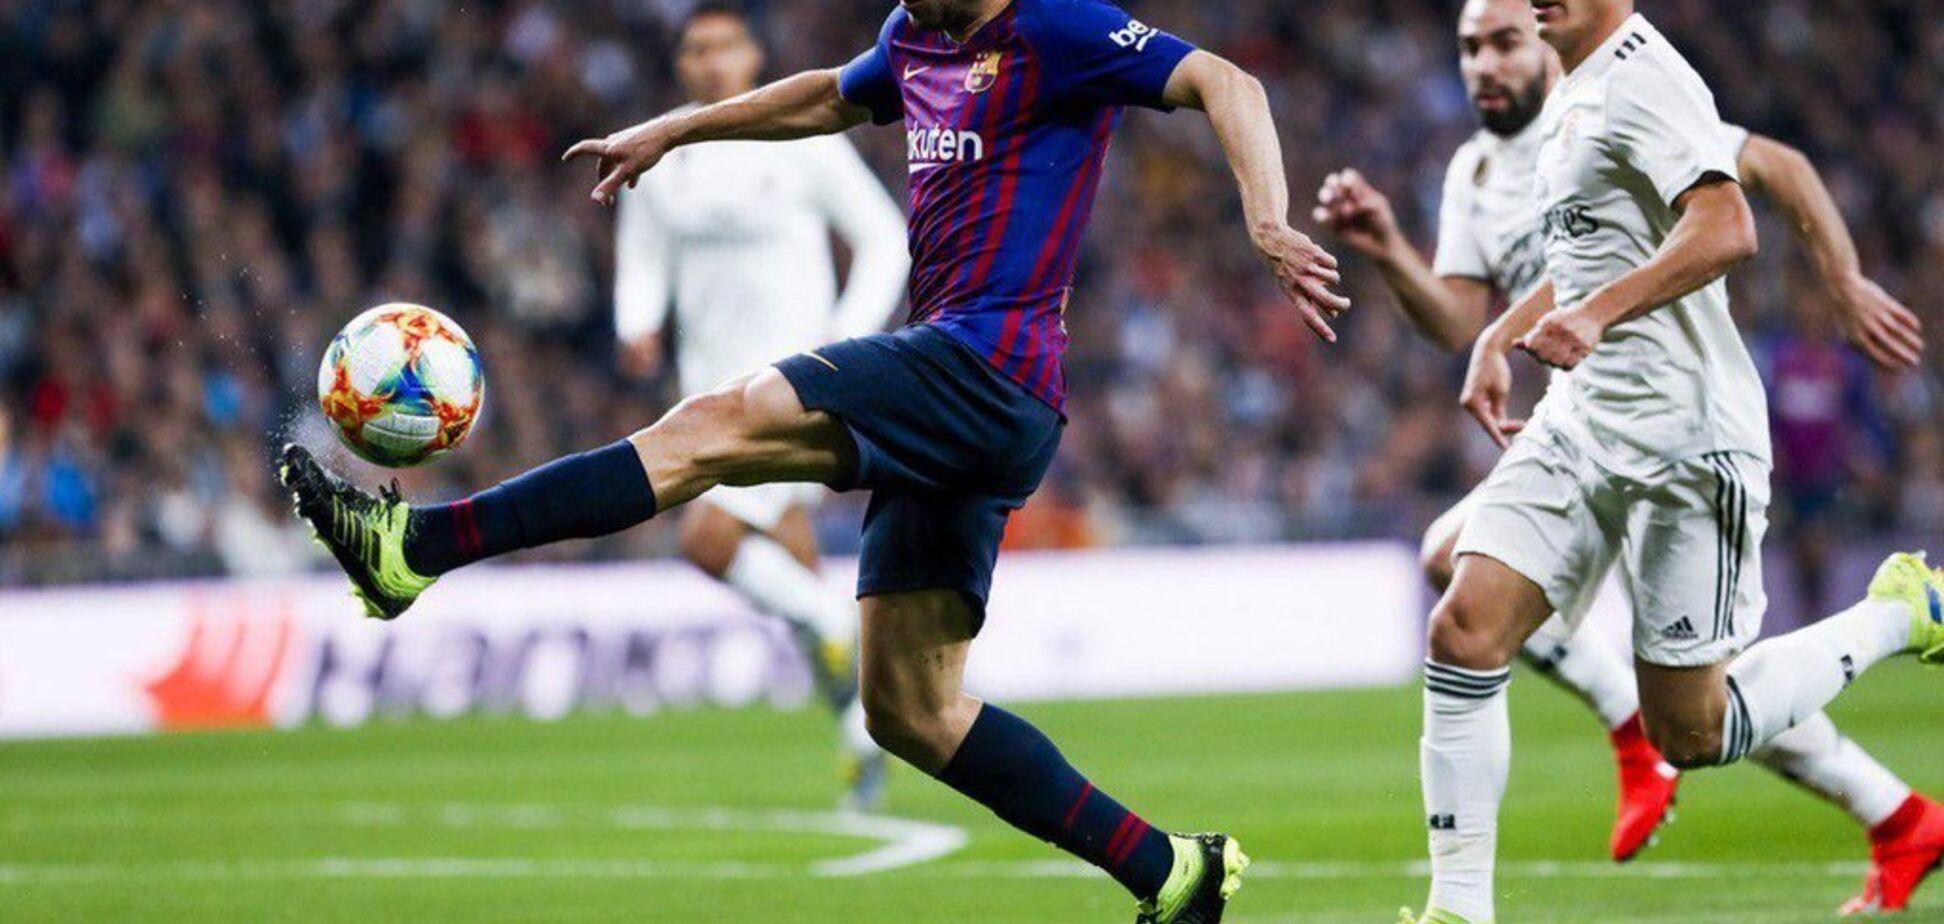 Як 'Барселона' розгромила 'Реал': відеоогляд матчу